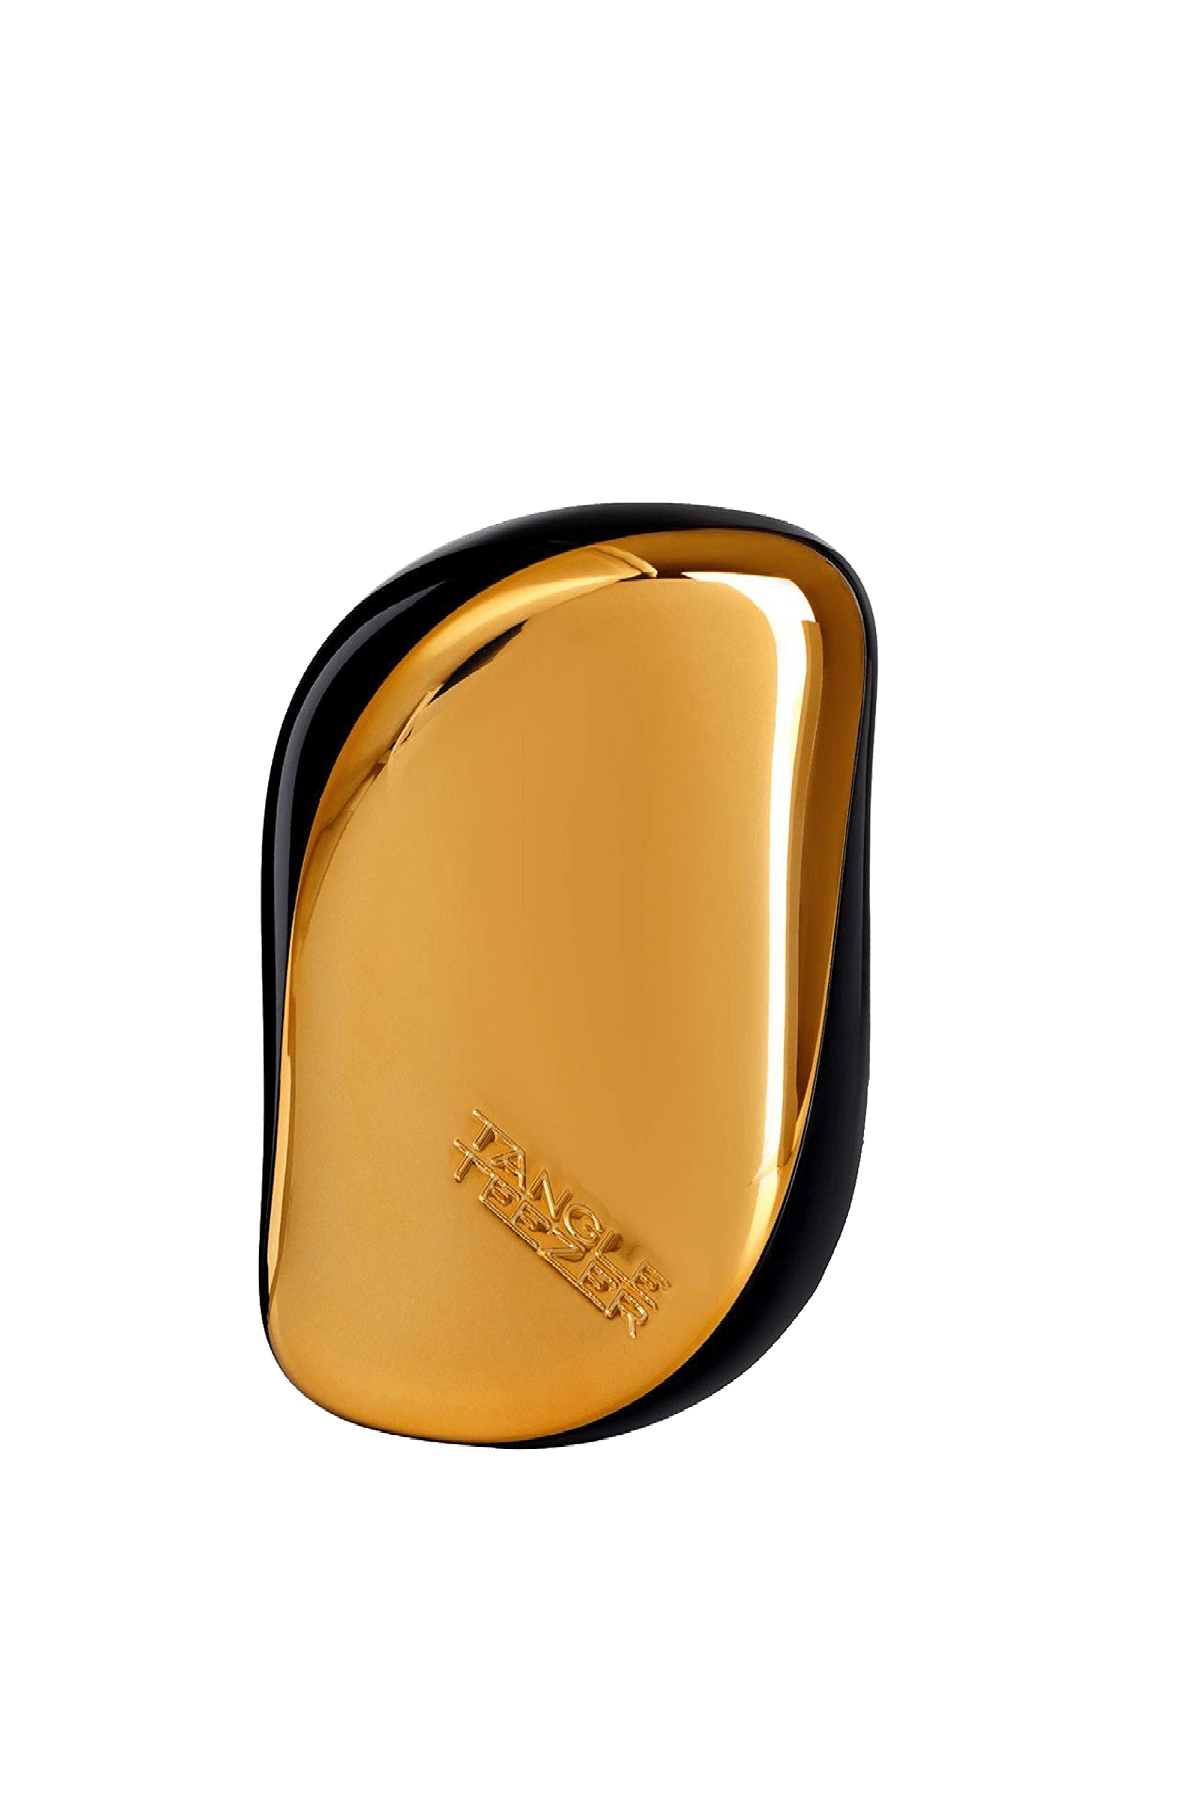 Tangle Teezer Compact On The Go Detangling  Altın Rengi Saç Fırçası 5060173370589 1